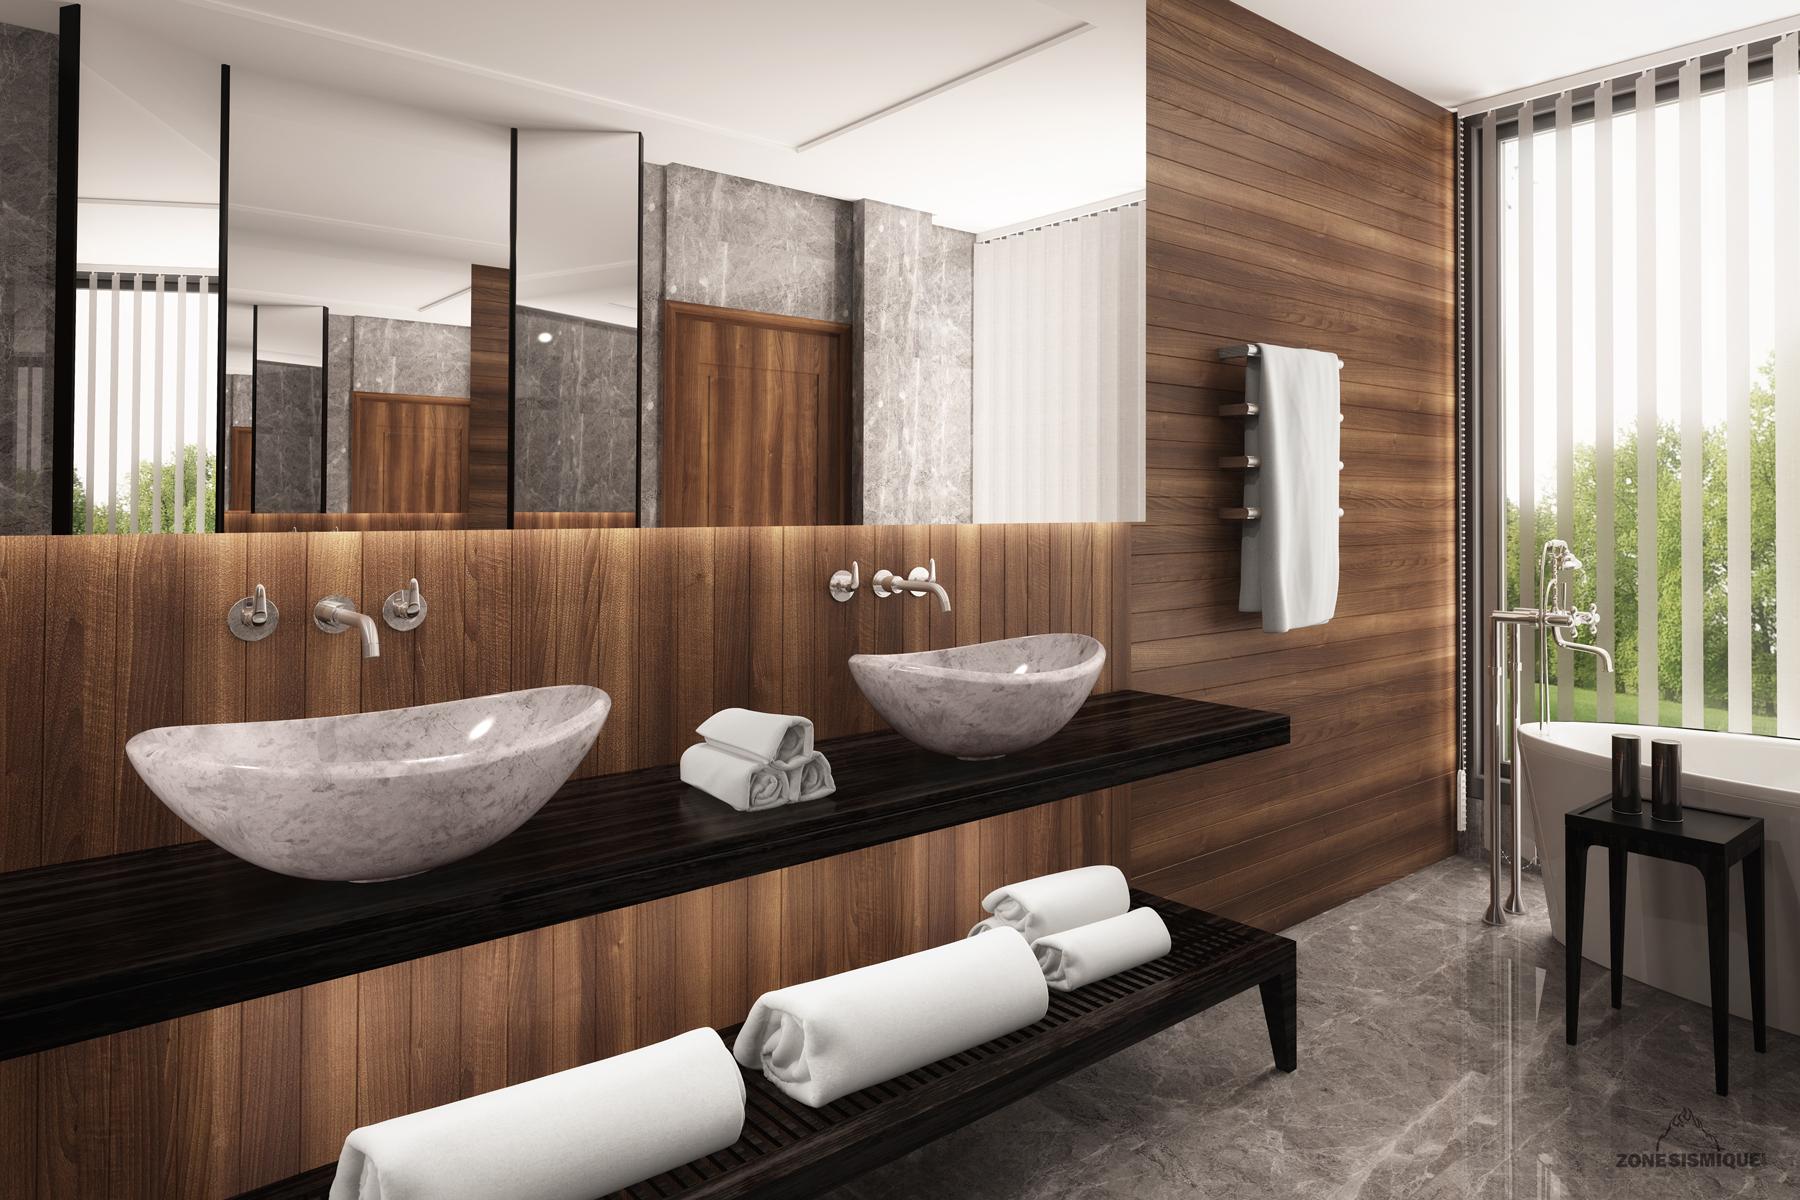 Salles De Bain Unik _ Zone Sismique Design Visualisation 3d